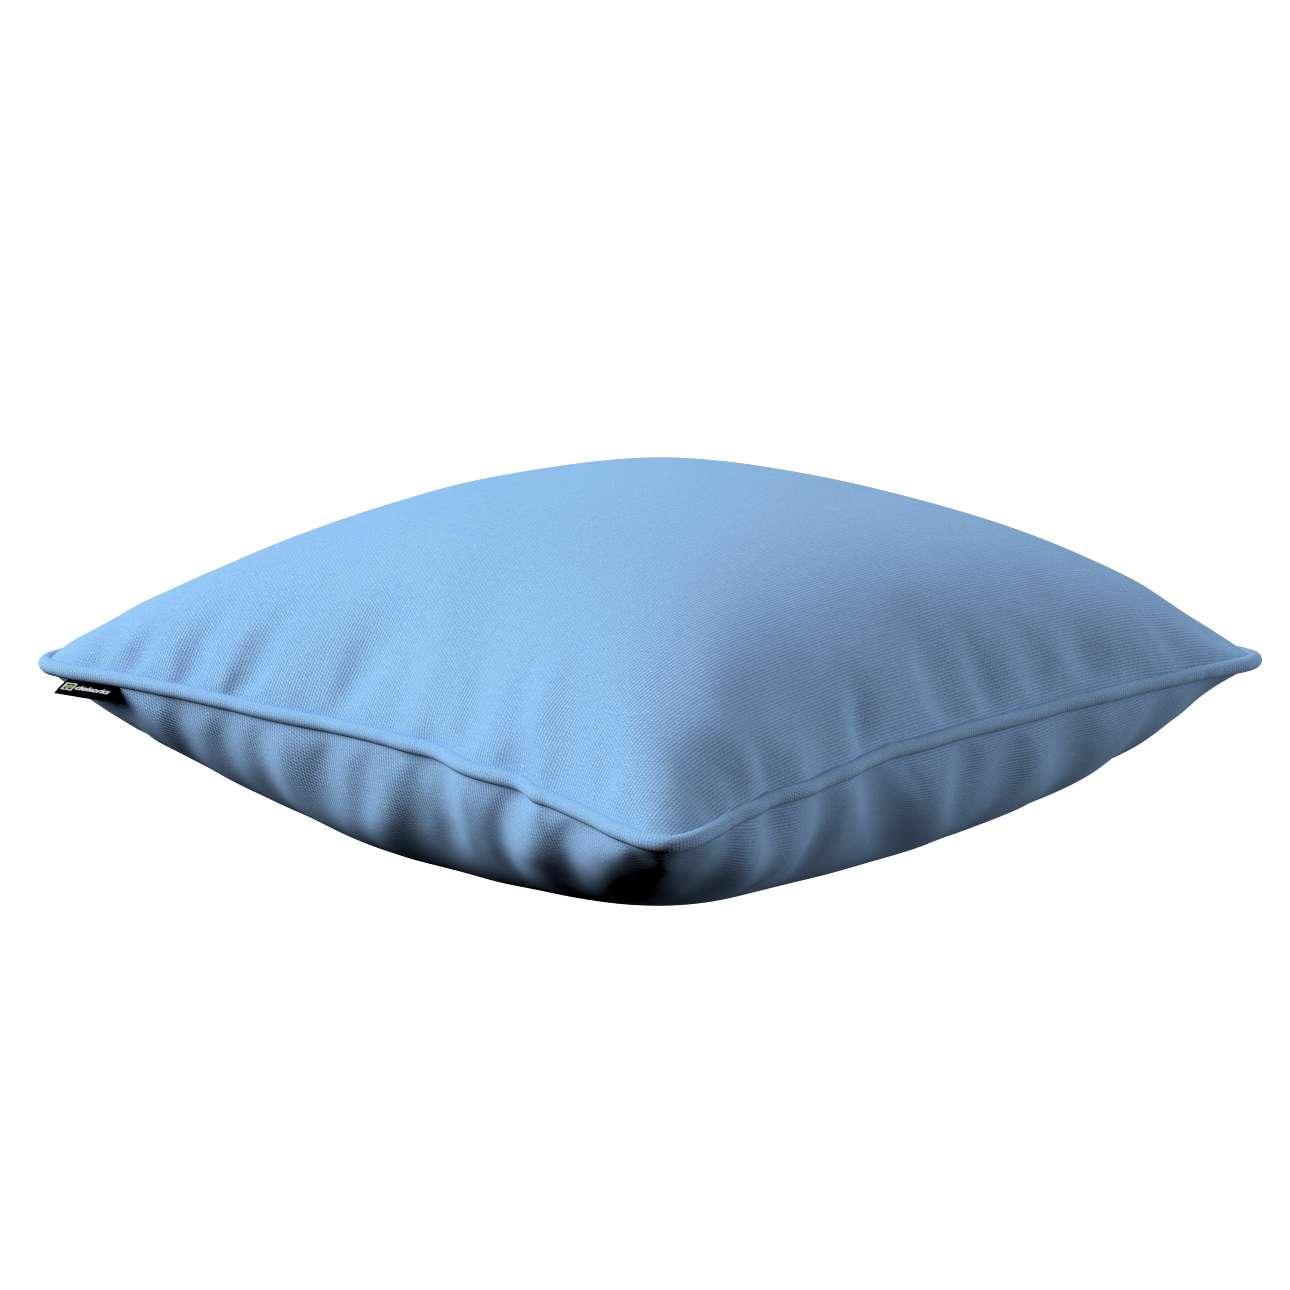 Poszewka Gabi na poduszkę 45 x 45 cm w kolekcji Loneta, tkanina: 133-21